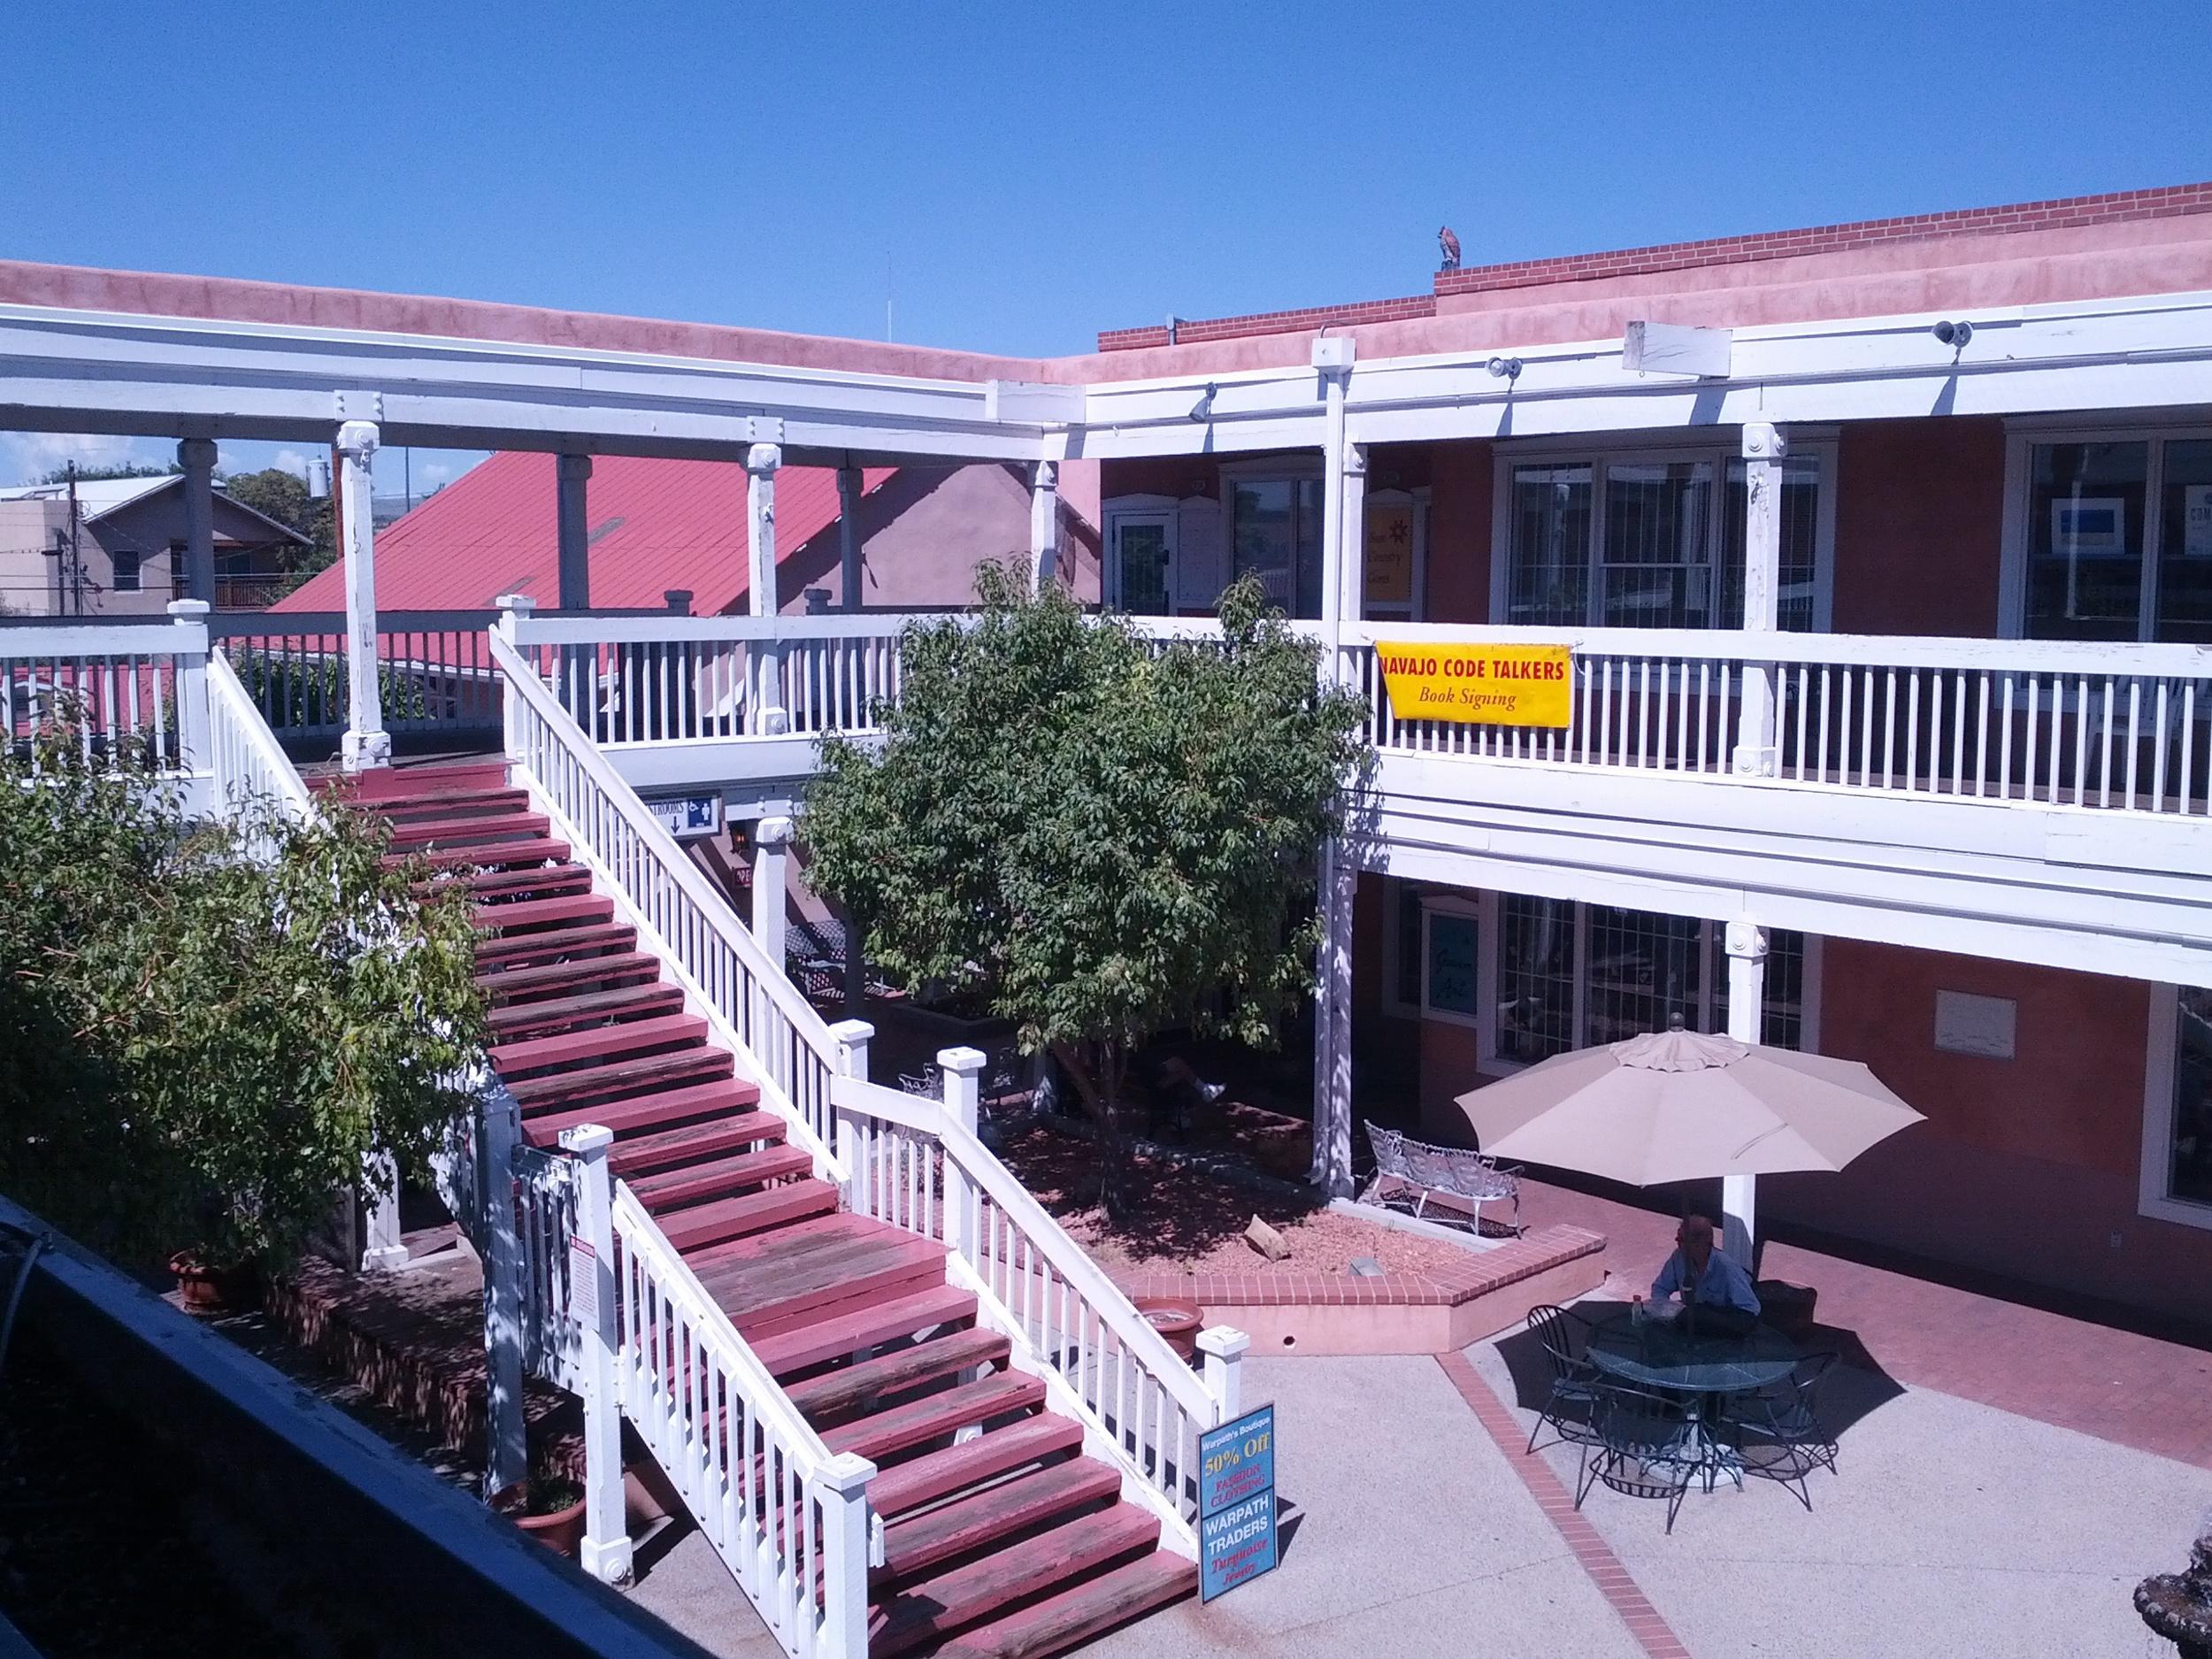 2013-09-20 Old Town Albuquerque (6).jpg